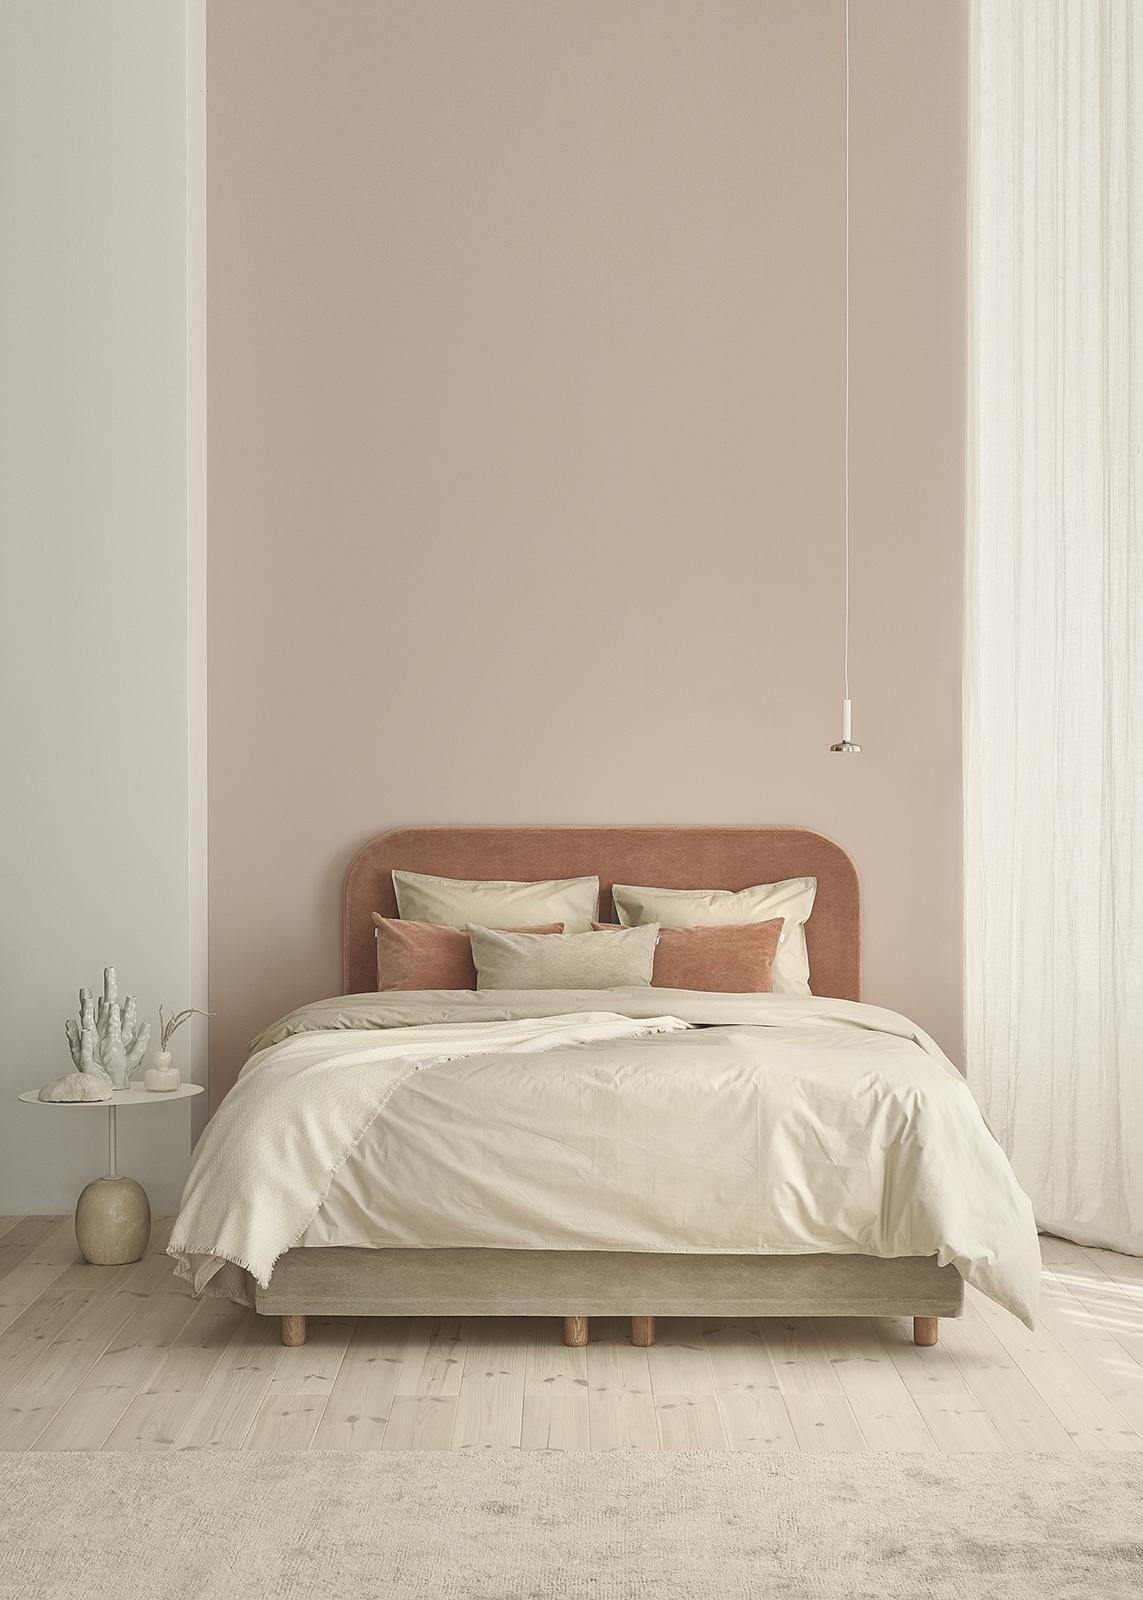 Inspiraatio - Decoracion paredes dormitorios ...